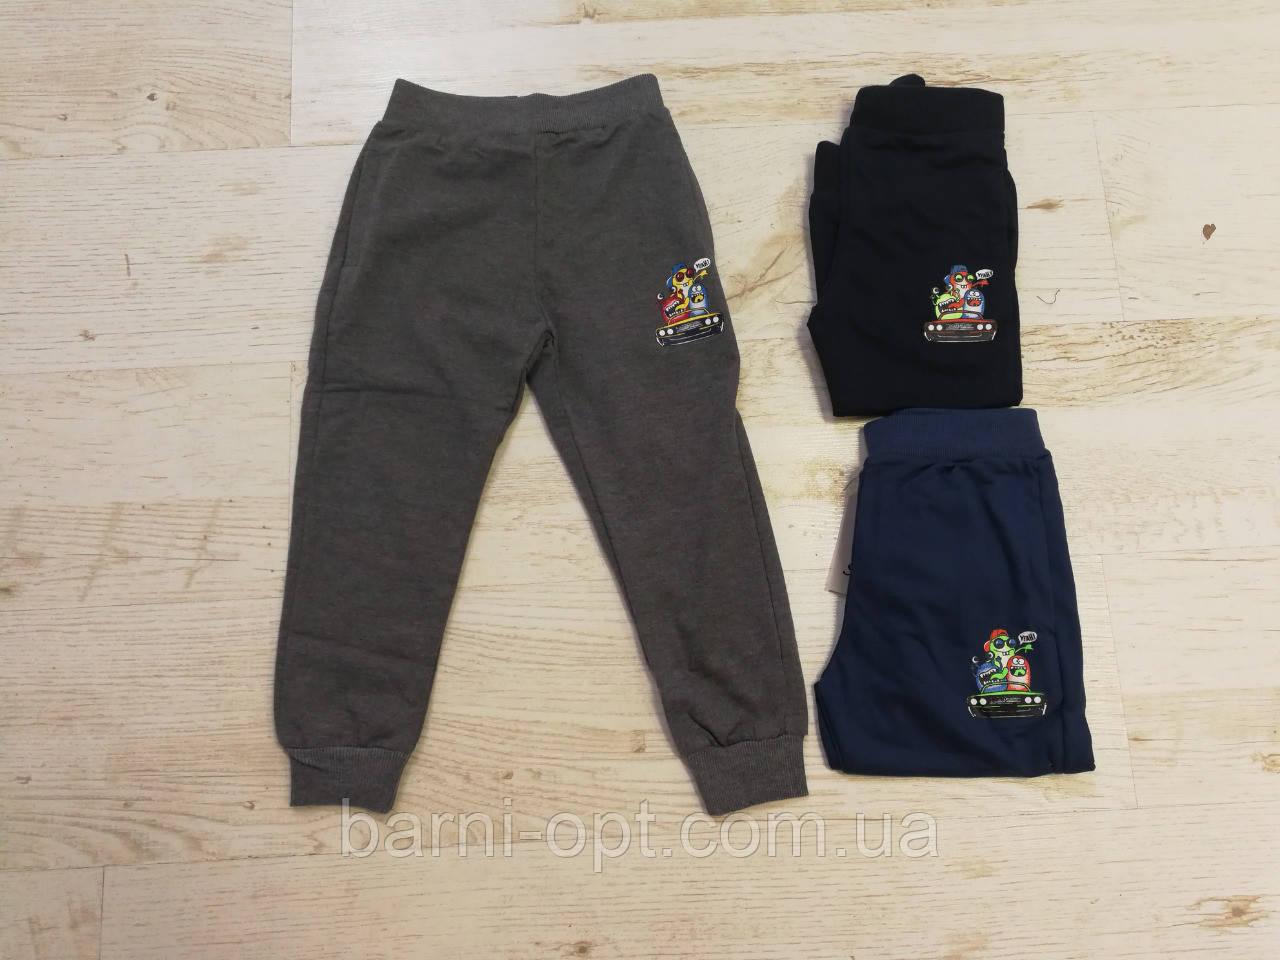 Трикотажные спортивные брюки для мальчиков оптом, Sincere 80-110 рр.